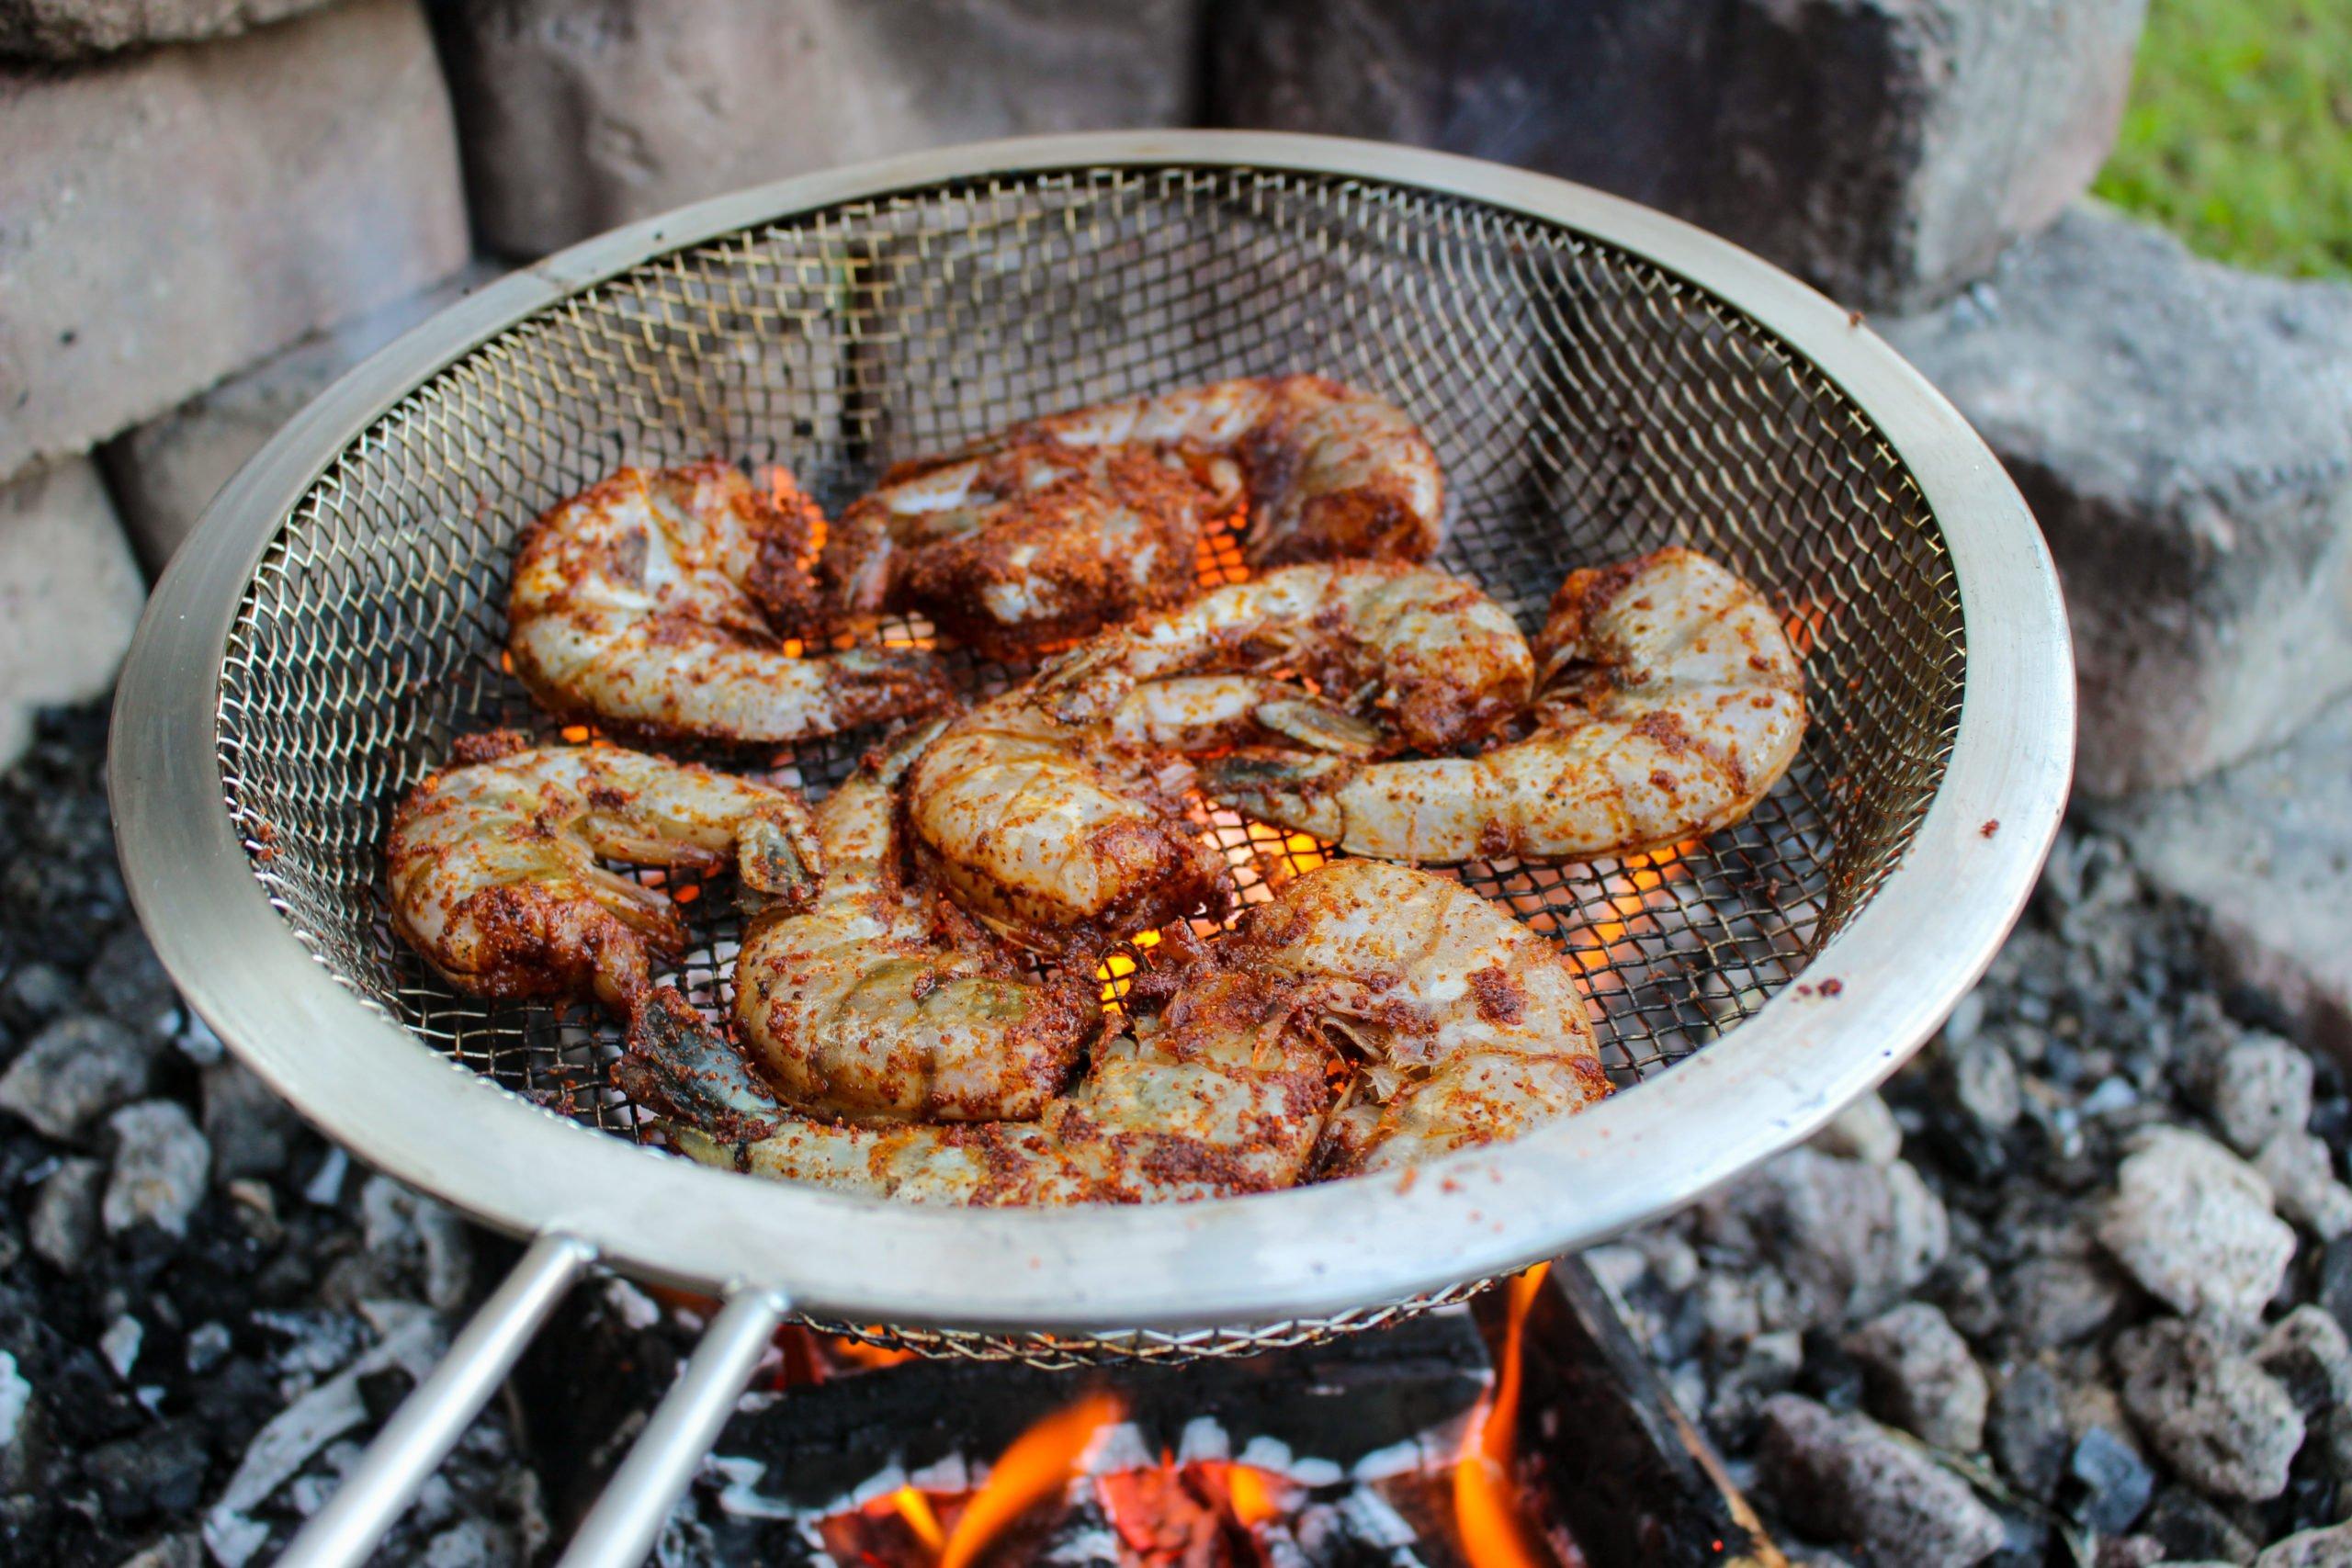 Nashville Hot Grilled Shrimp over the coals.